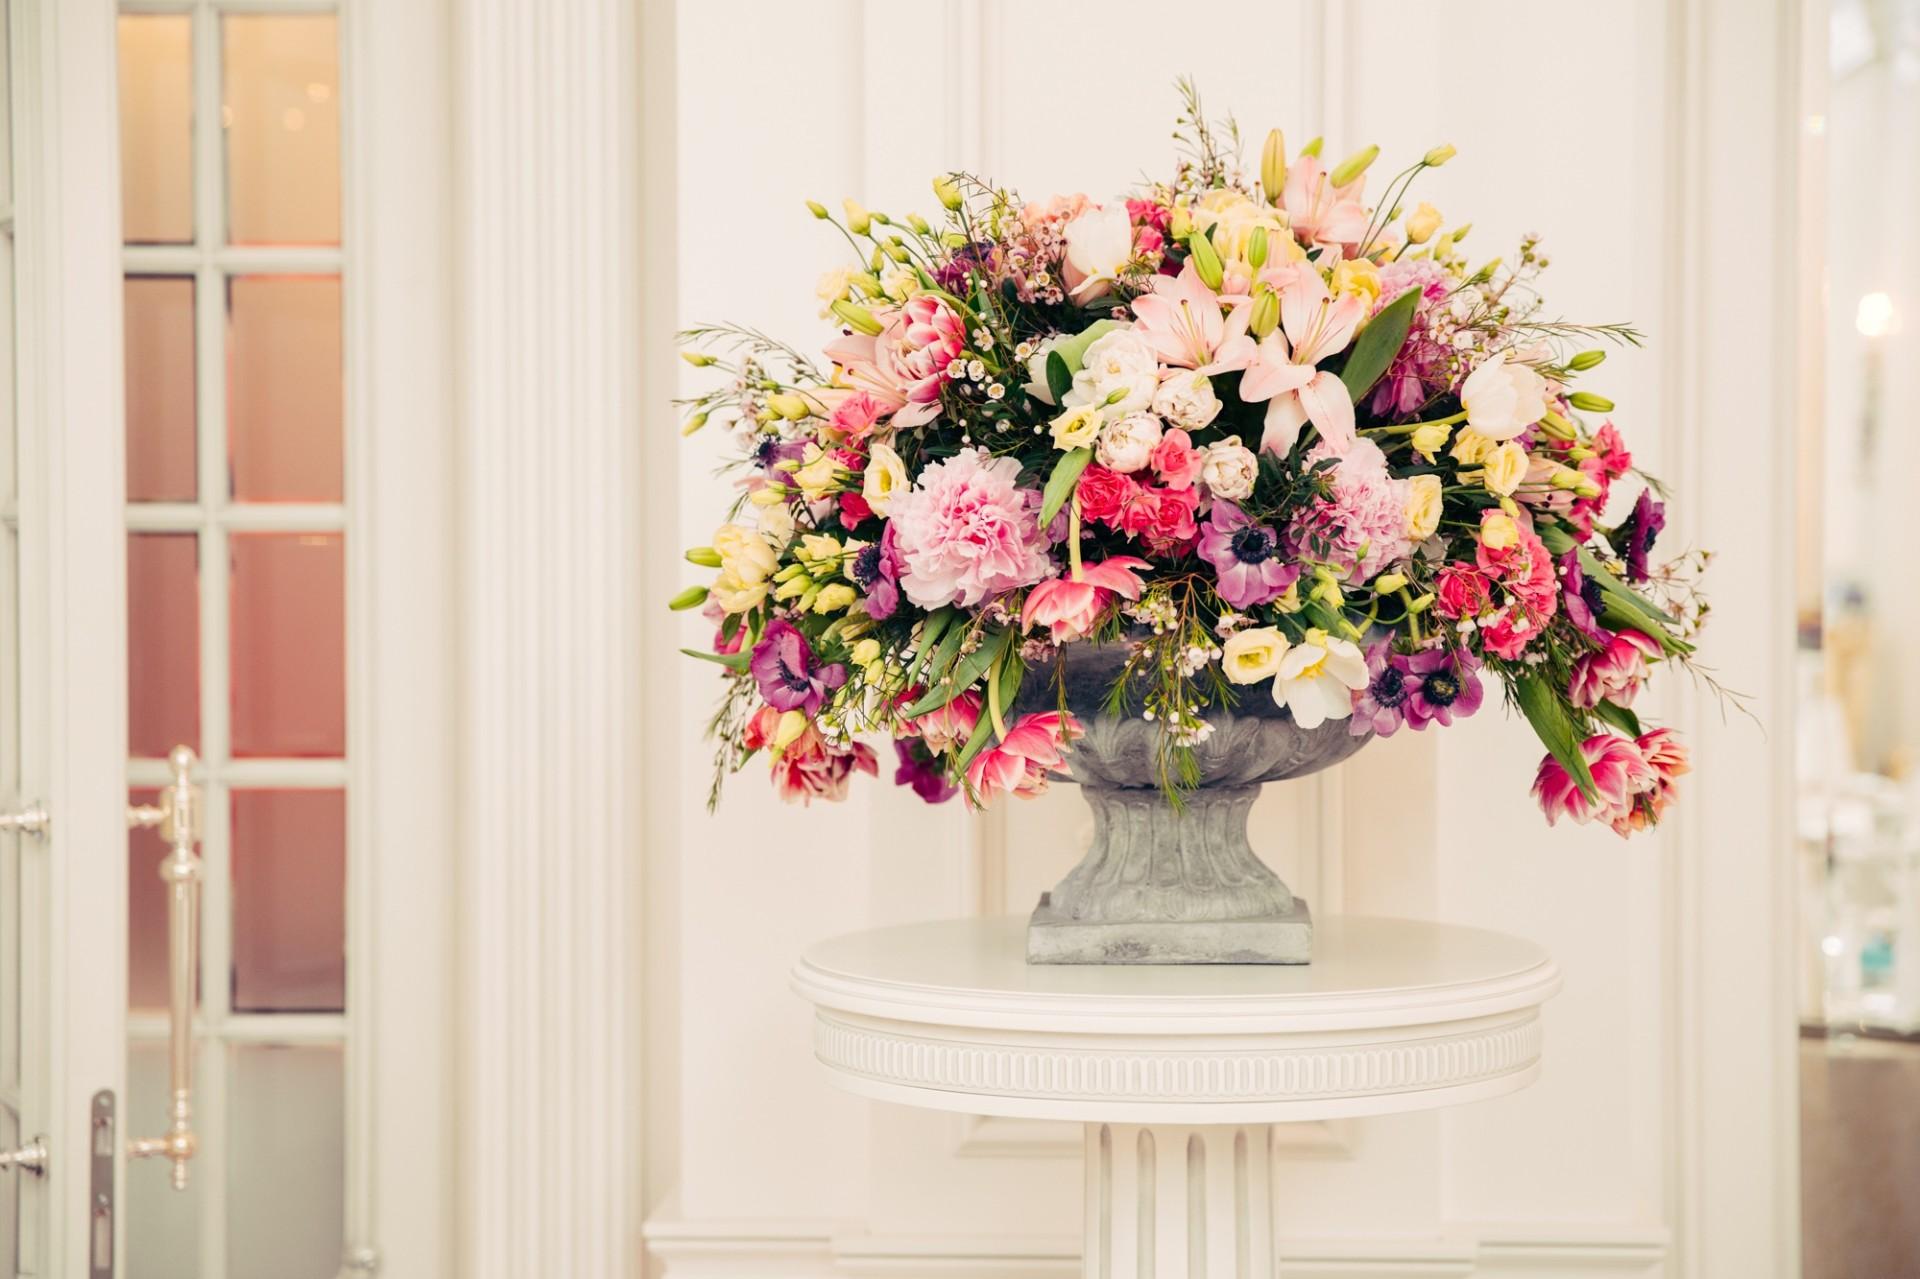 Красивые идеи флористов для декора интерьера квартиры_4